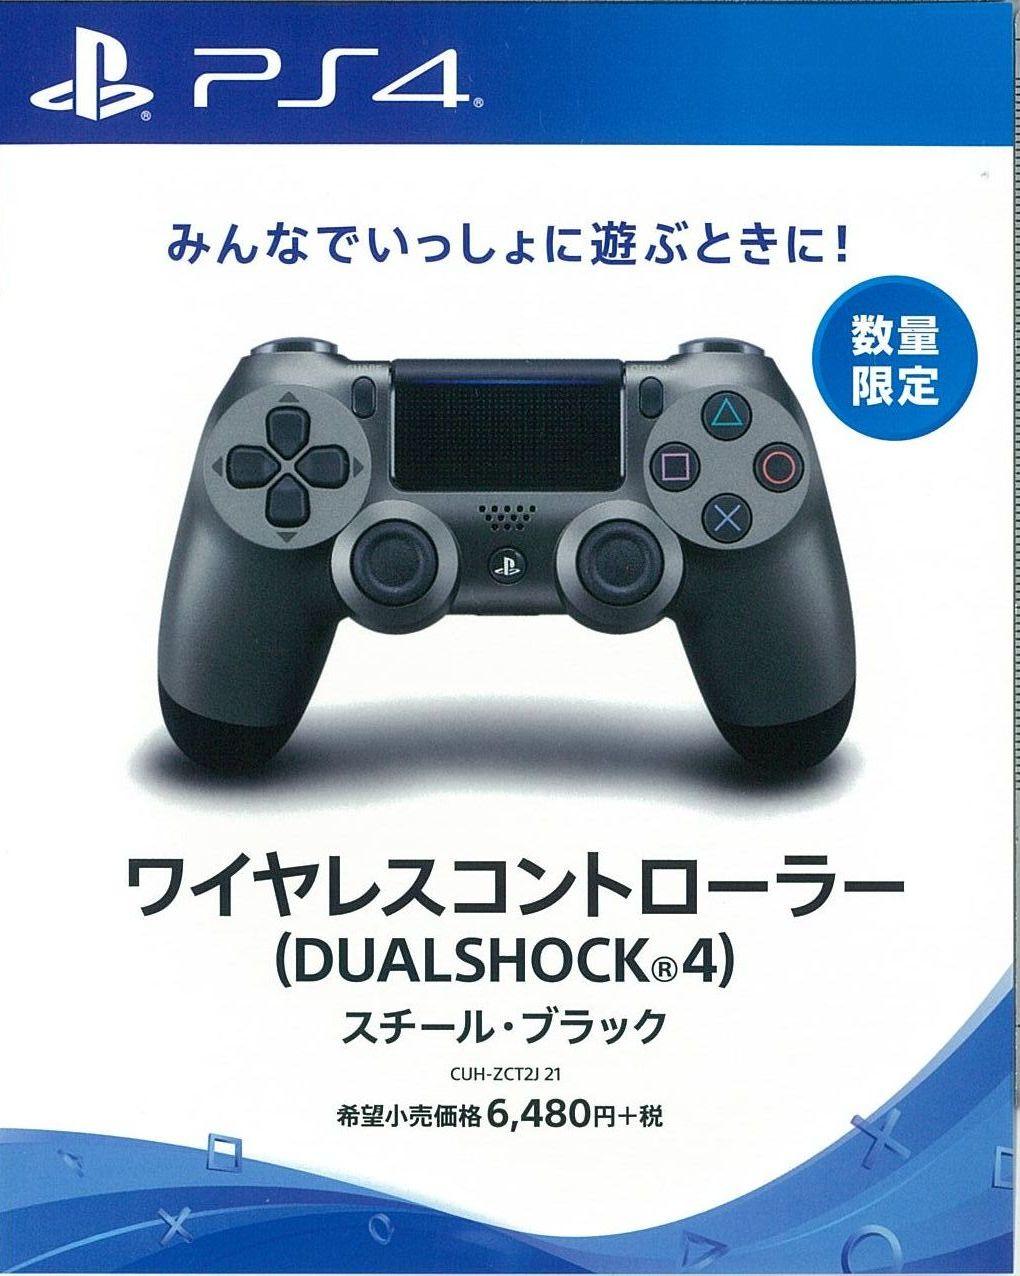 ワイヤレスコントローラー(DUALSHOCK4) スチール・ブラック